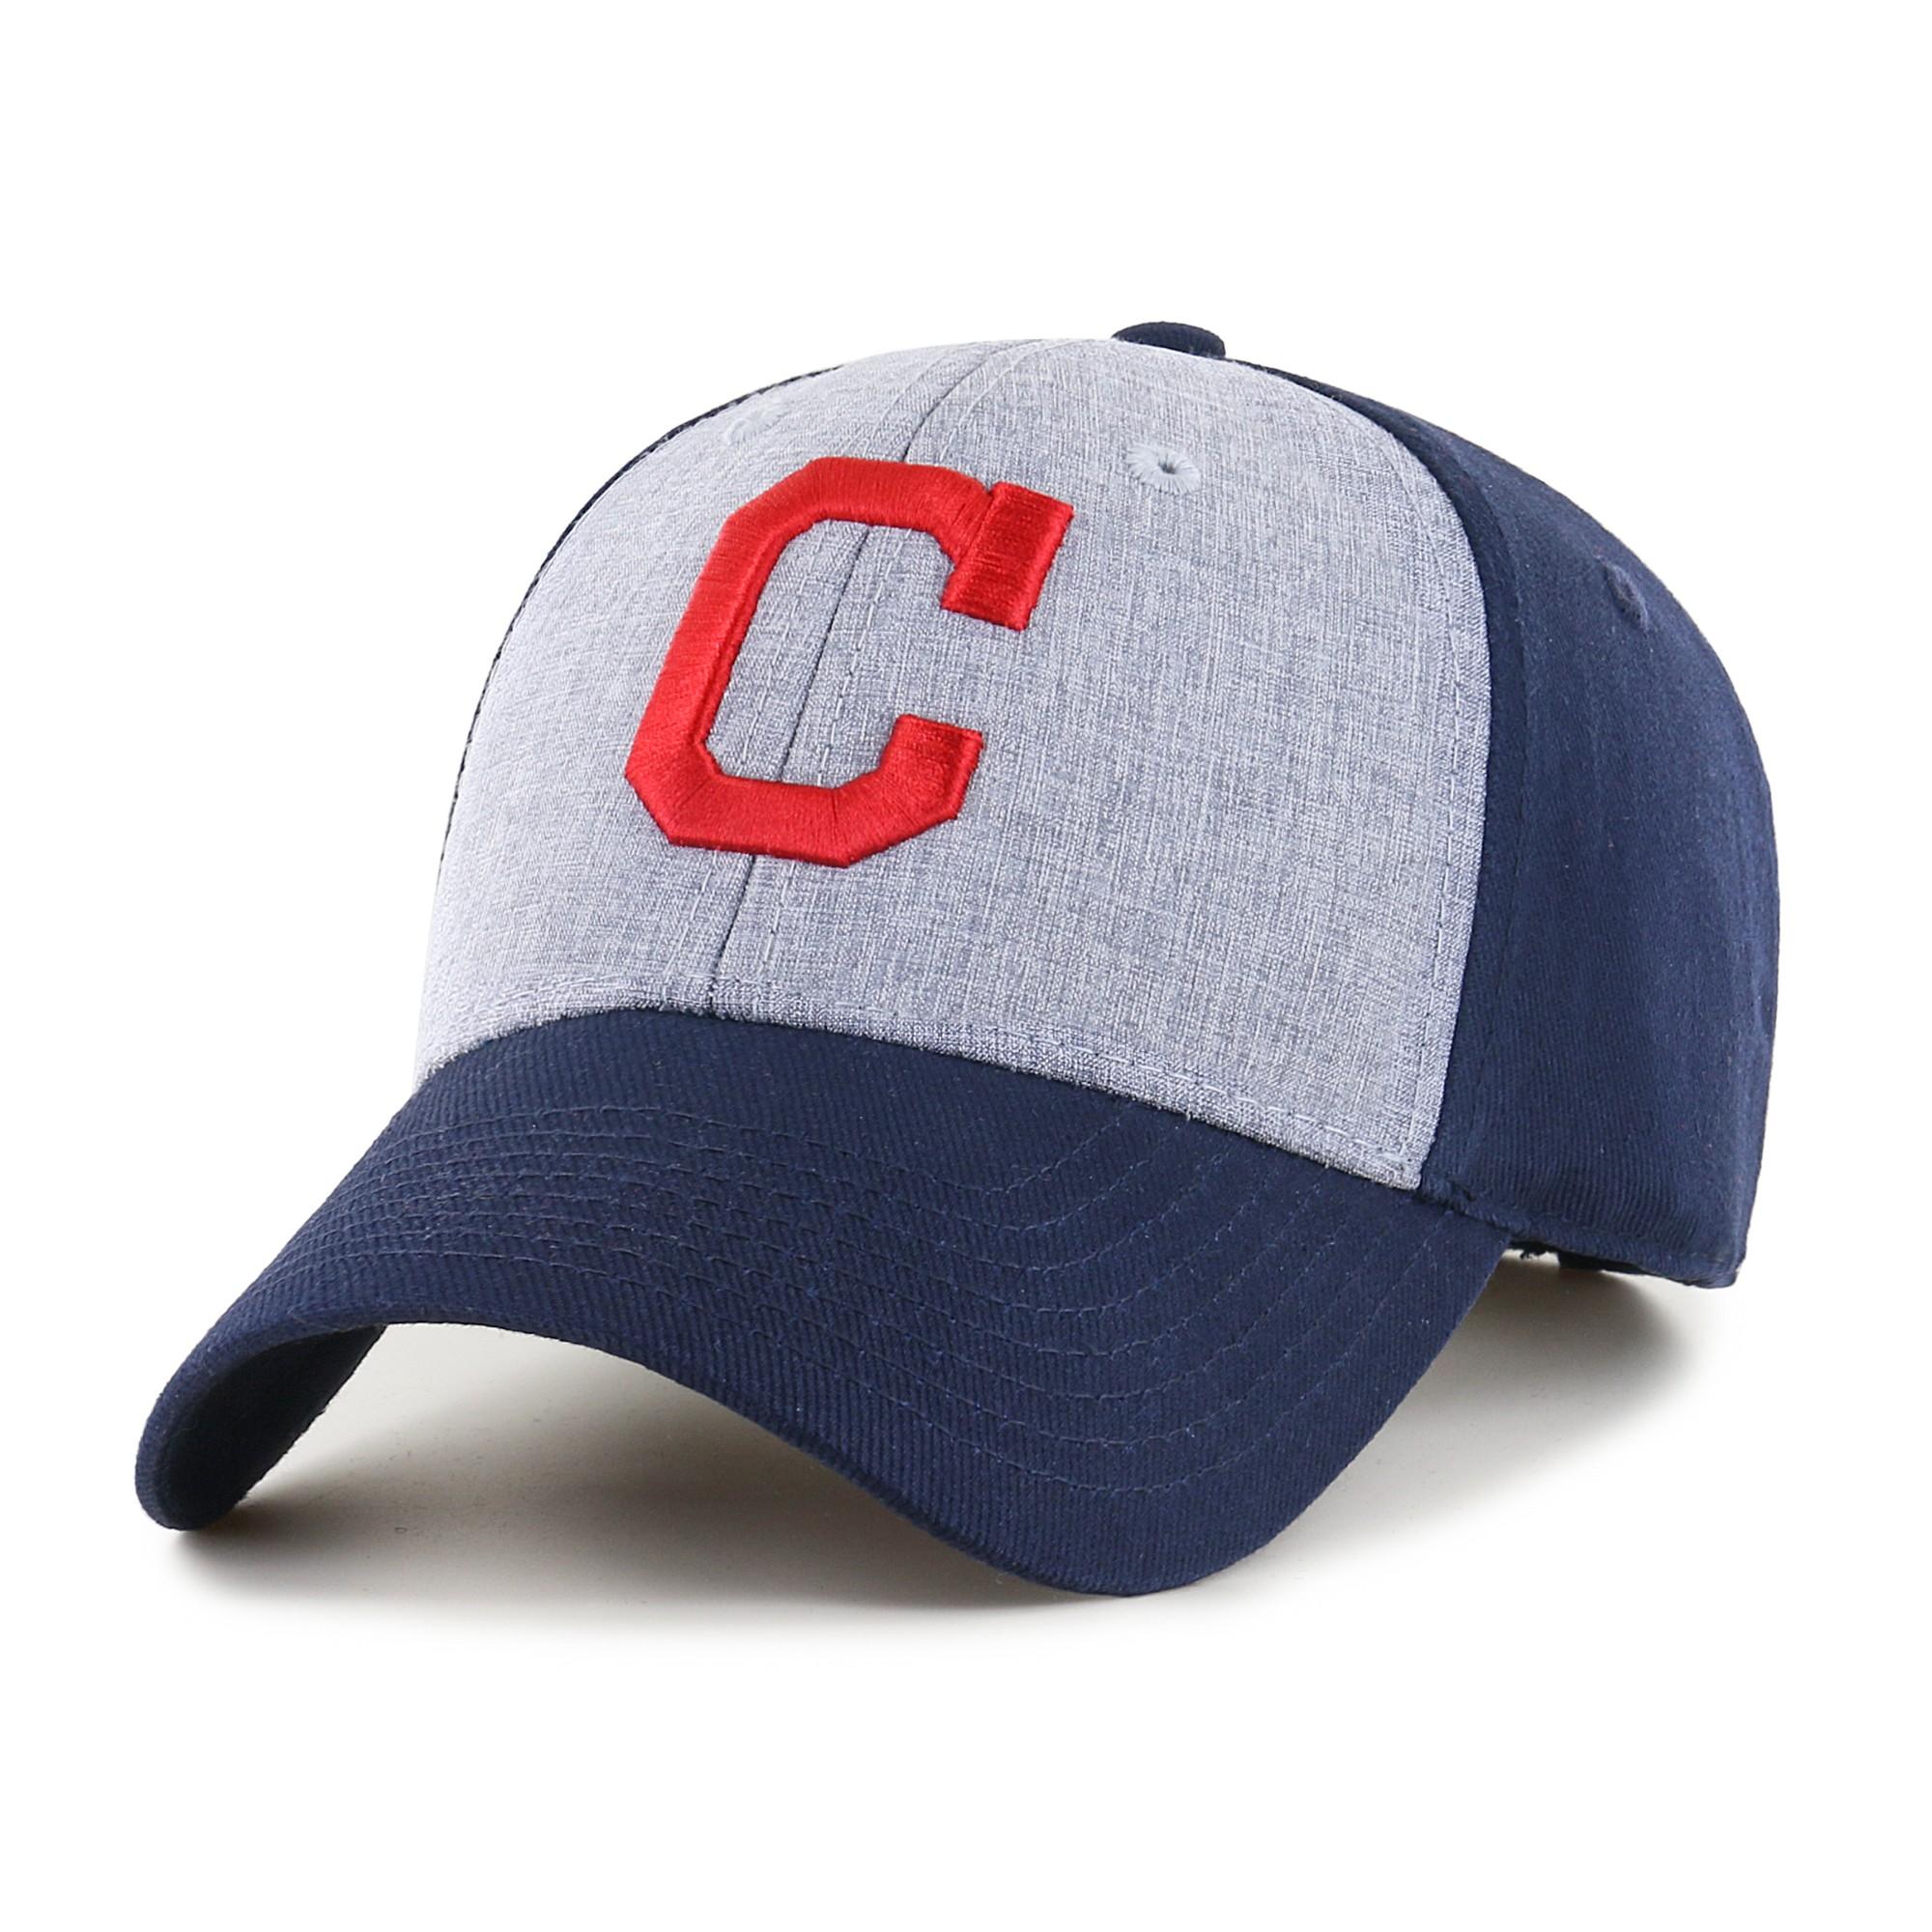 Fan Favorite MLB Essential Adjustable Hat, Cleveland Indians